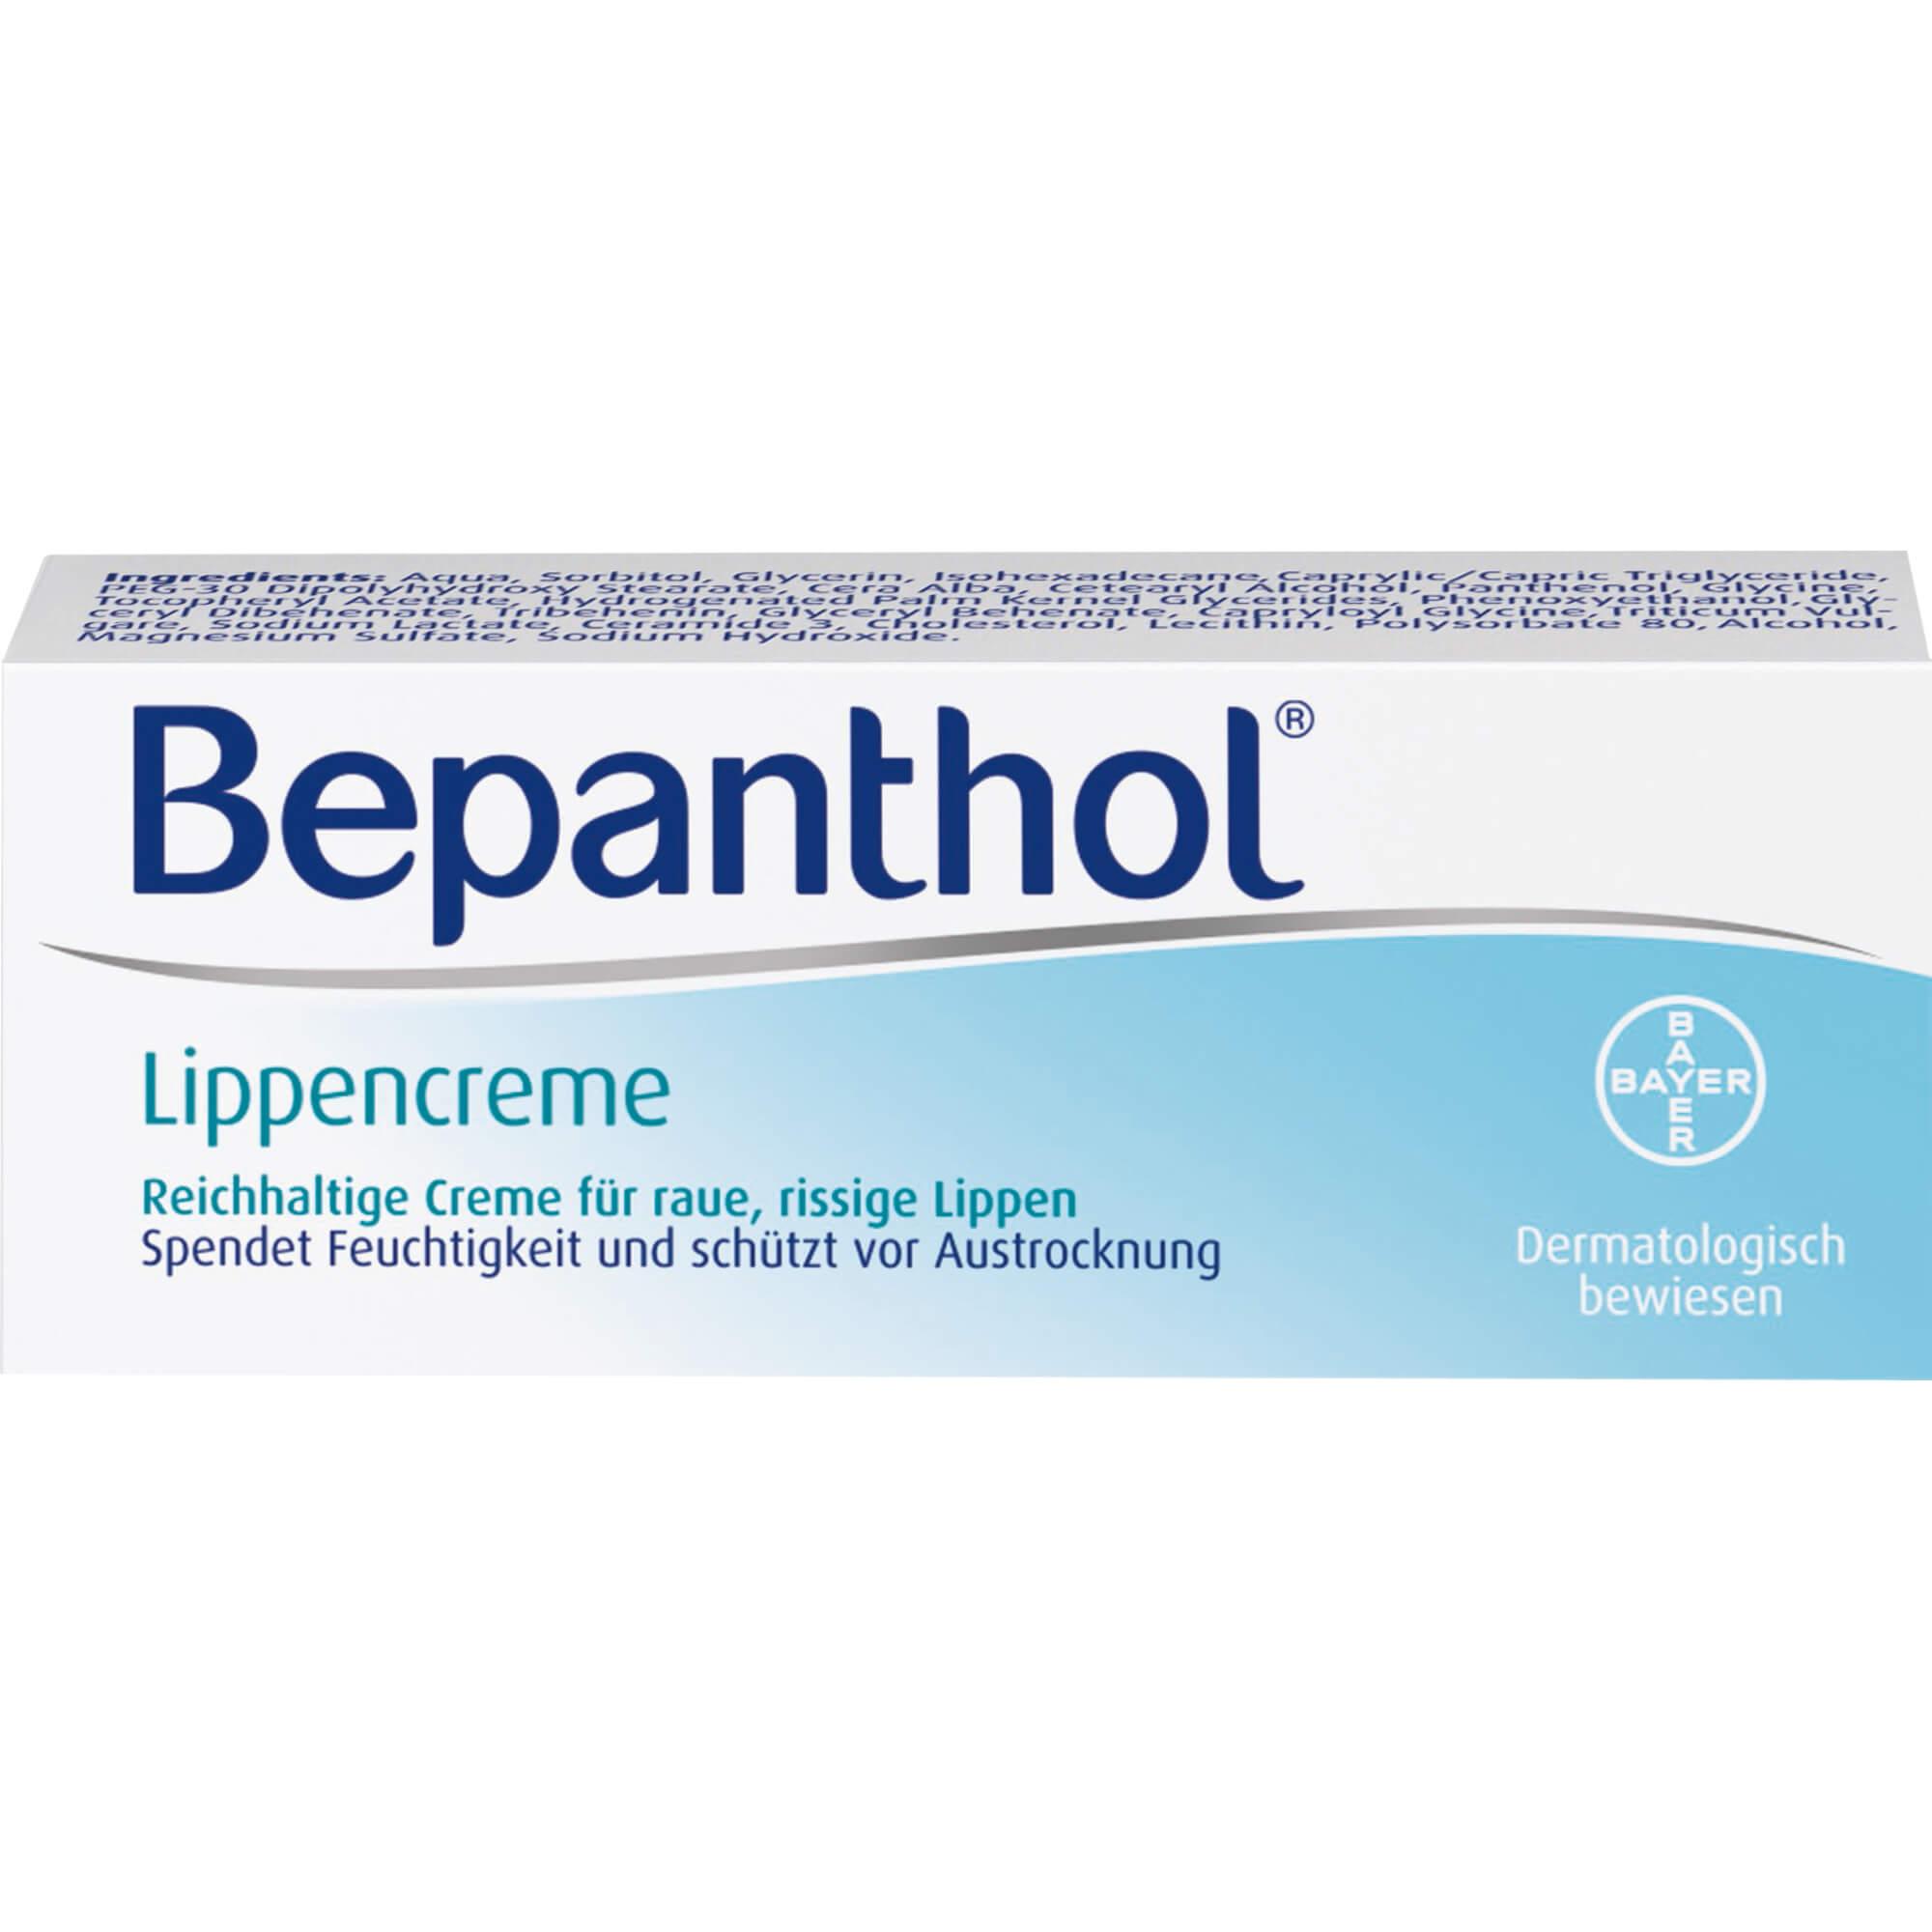 BEPANTHOL-Lippencreme